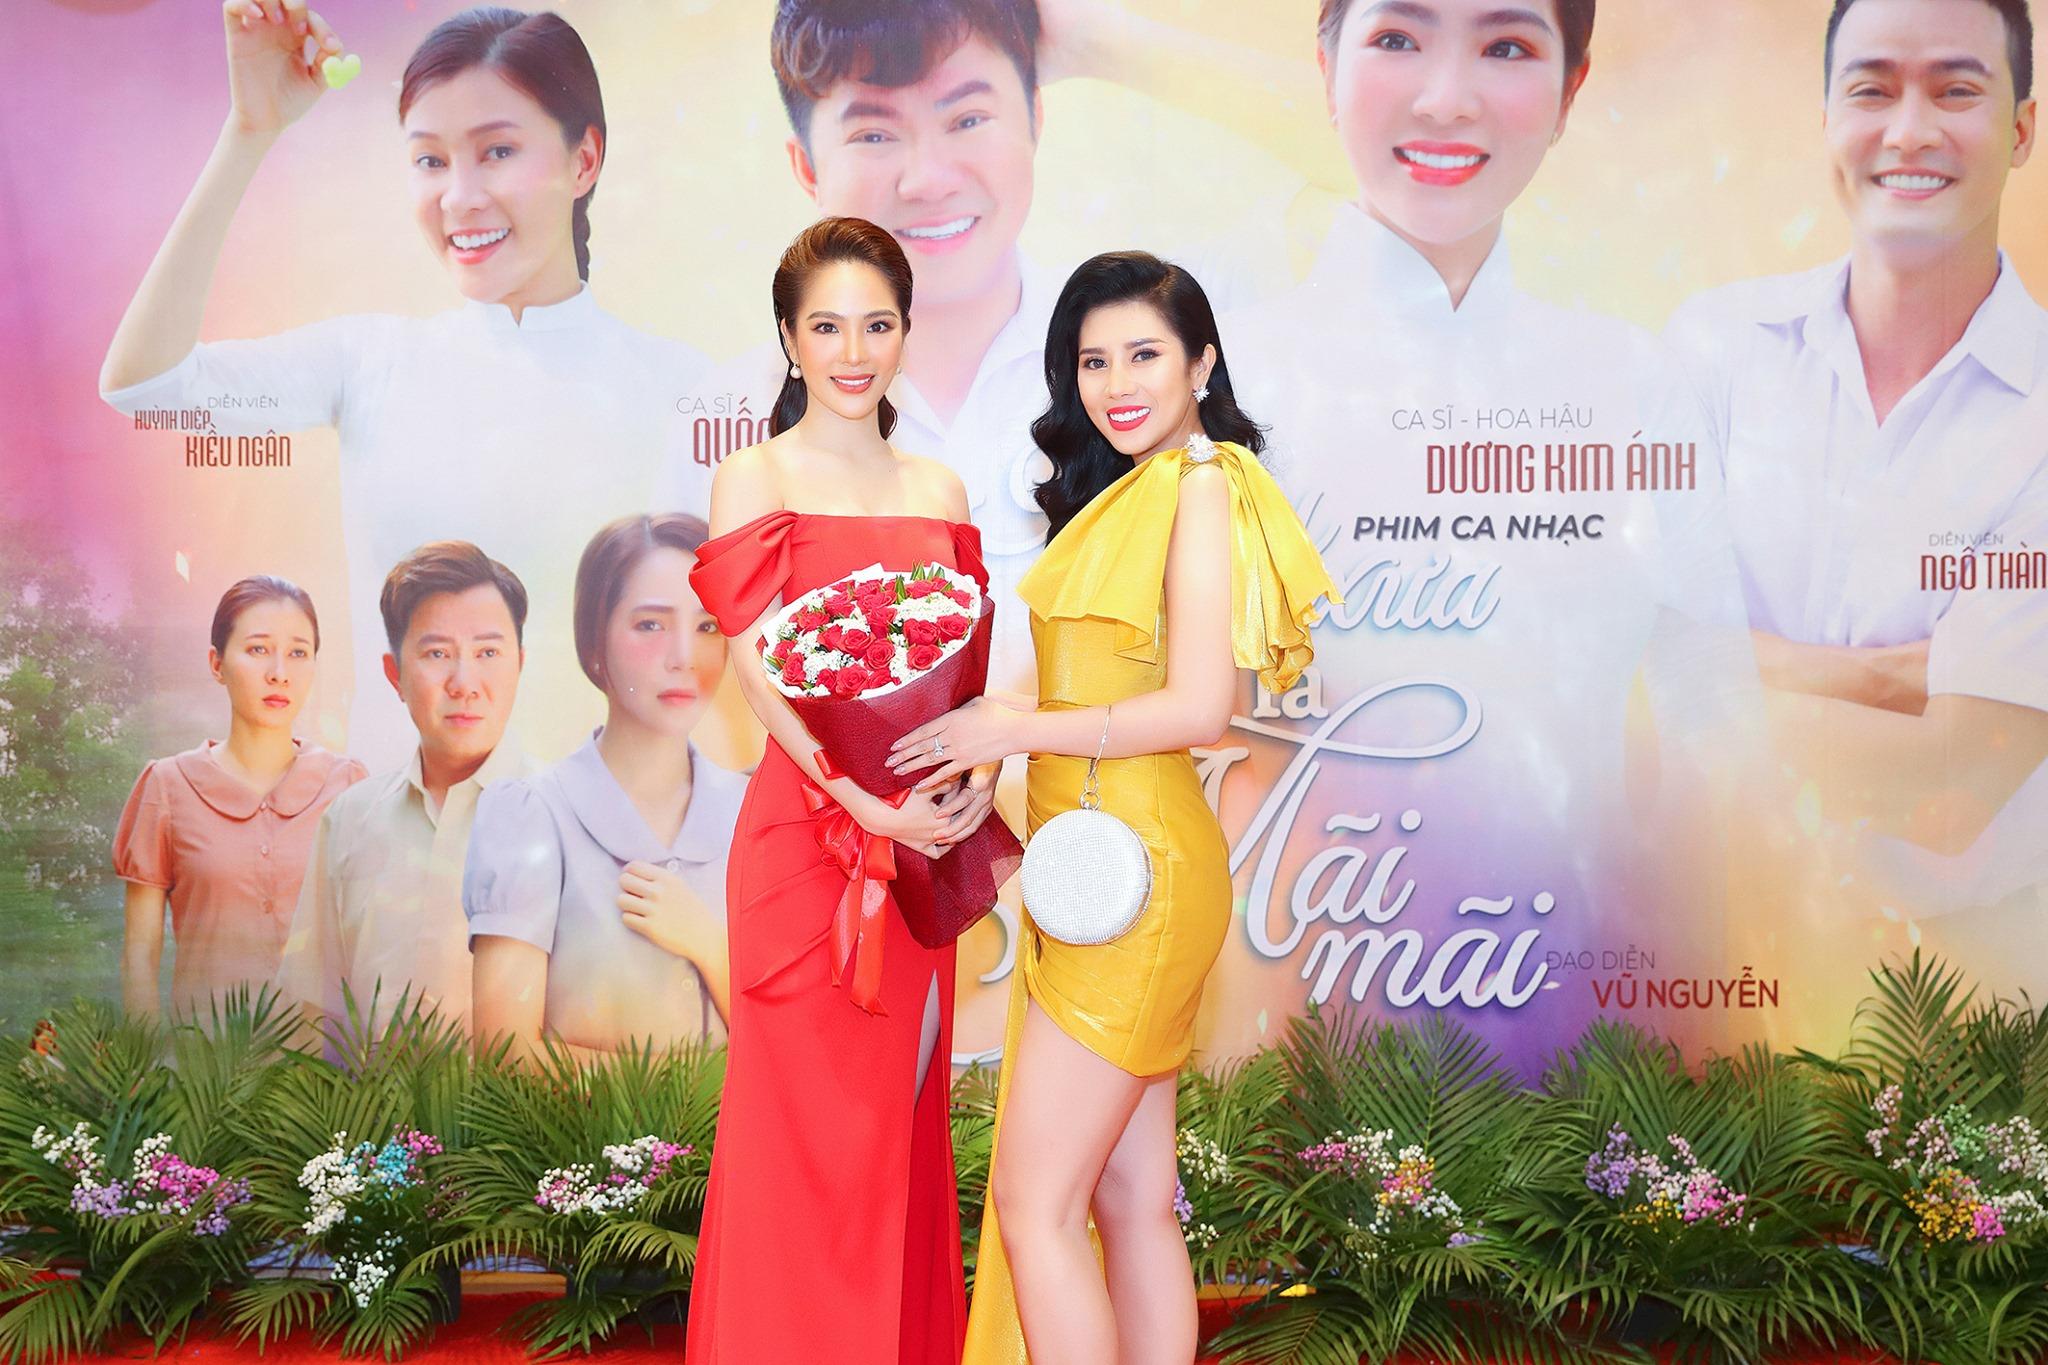 Xã hội - Hoa hậu Dương Kim Ánh hé lộ trọn vẹn câu chuyện tình bi thương (Hình 6).